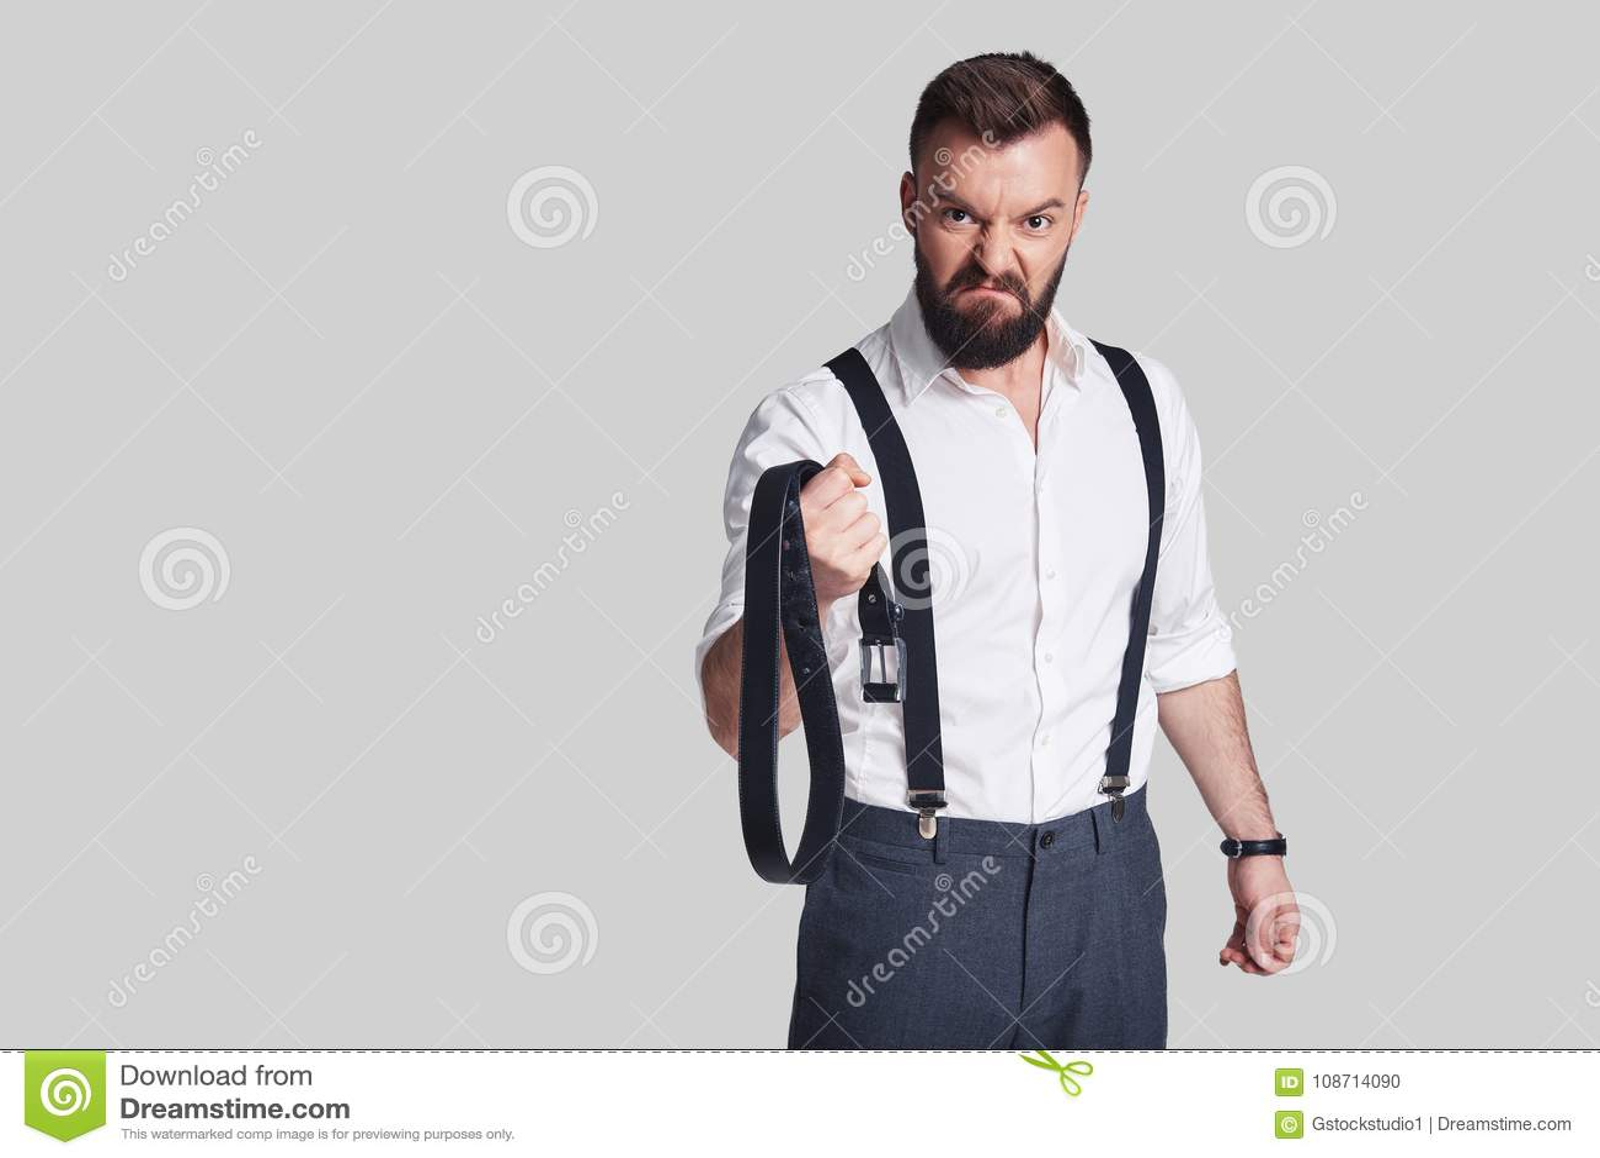 3c2171faed3 Homme dangereux Jeune homme fâché dans le formalwear portant une ceinture et